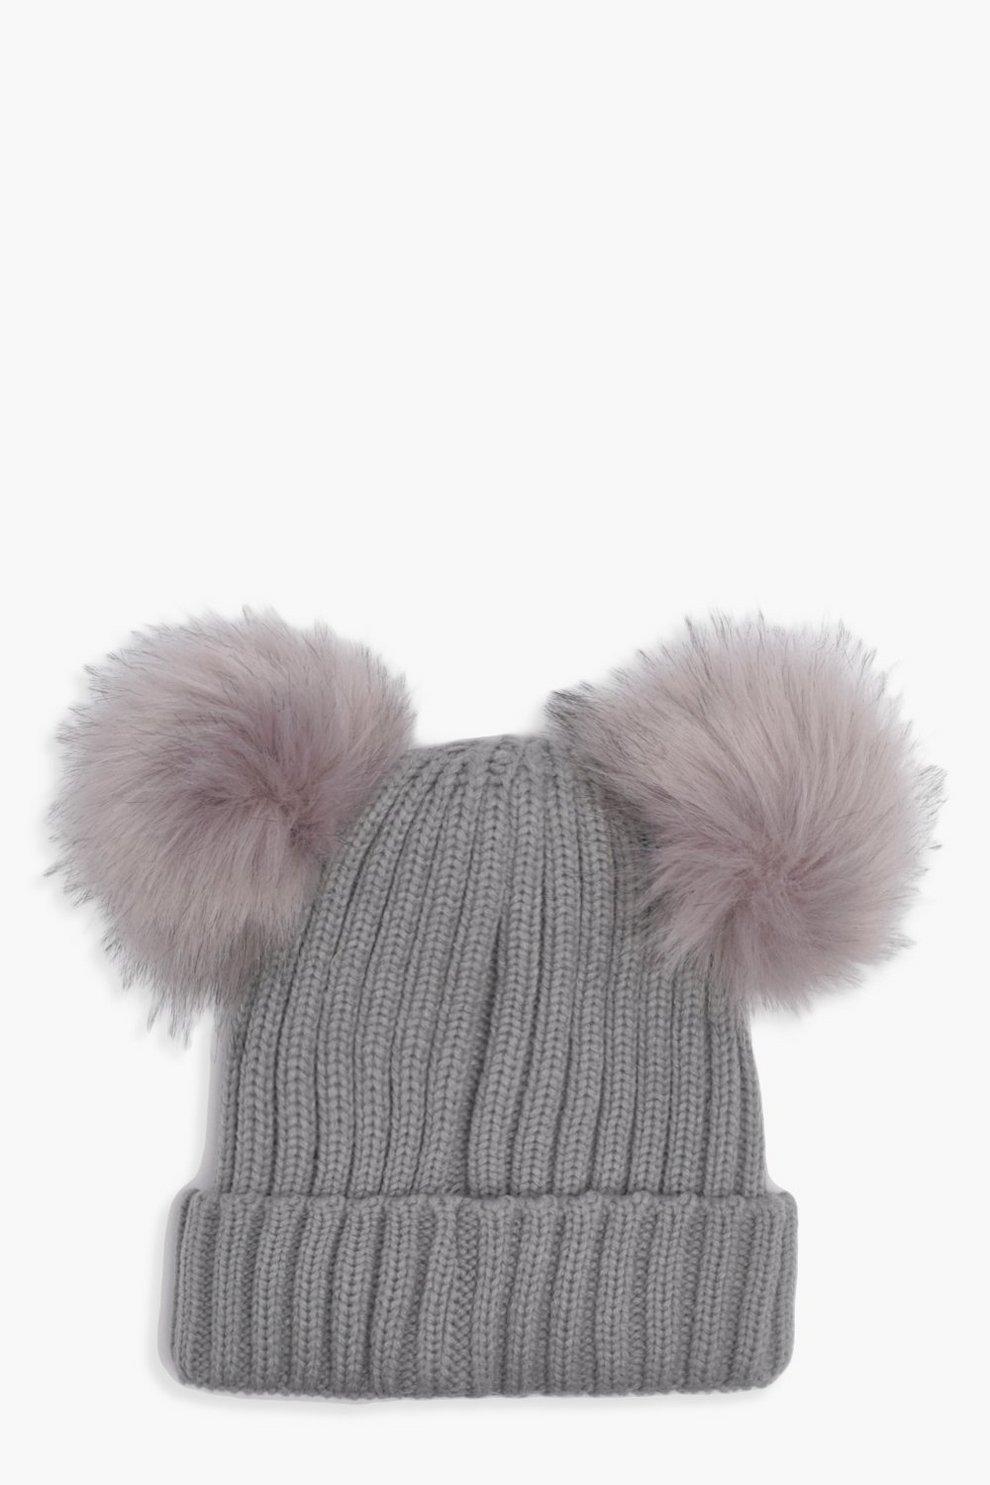 36502d5f641 Girls Double Pom Pom Beanie Hat